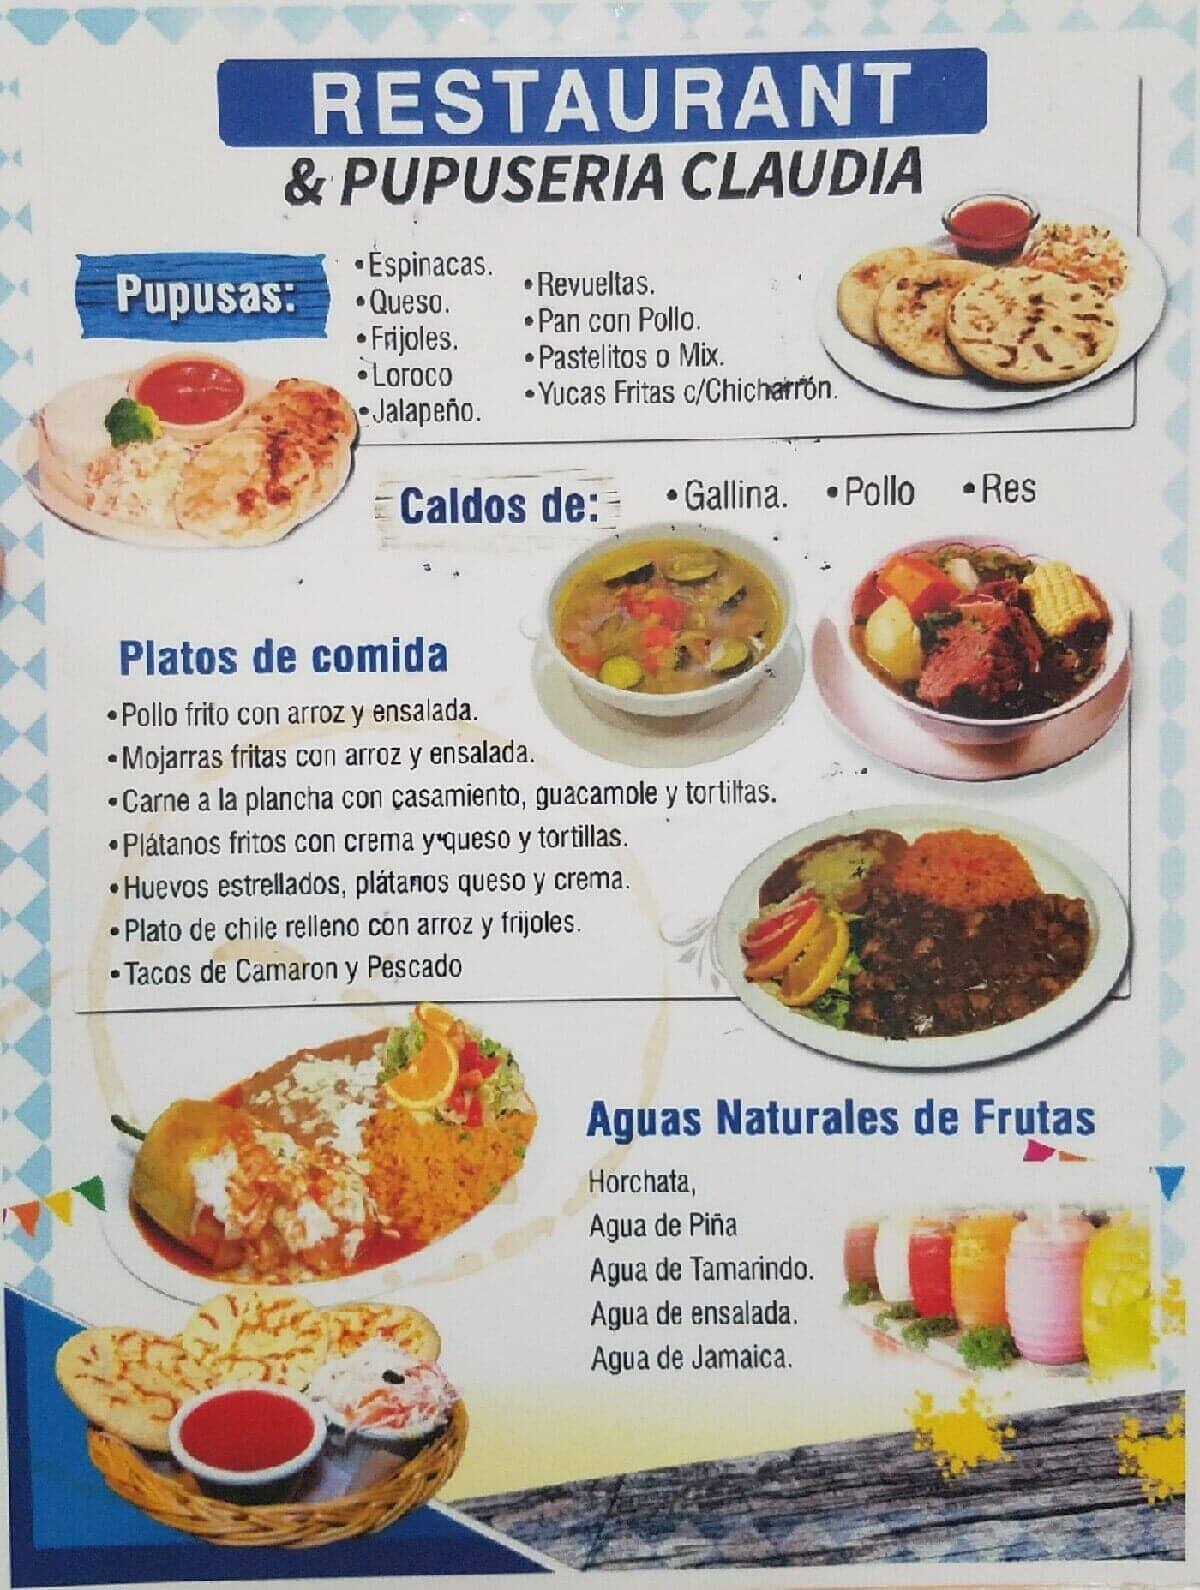 Restaurant & Pupuseria Claudia image 8